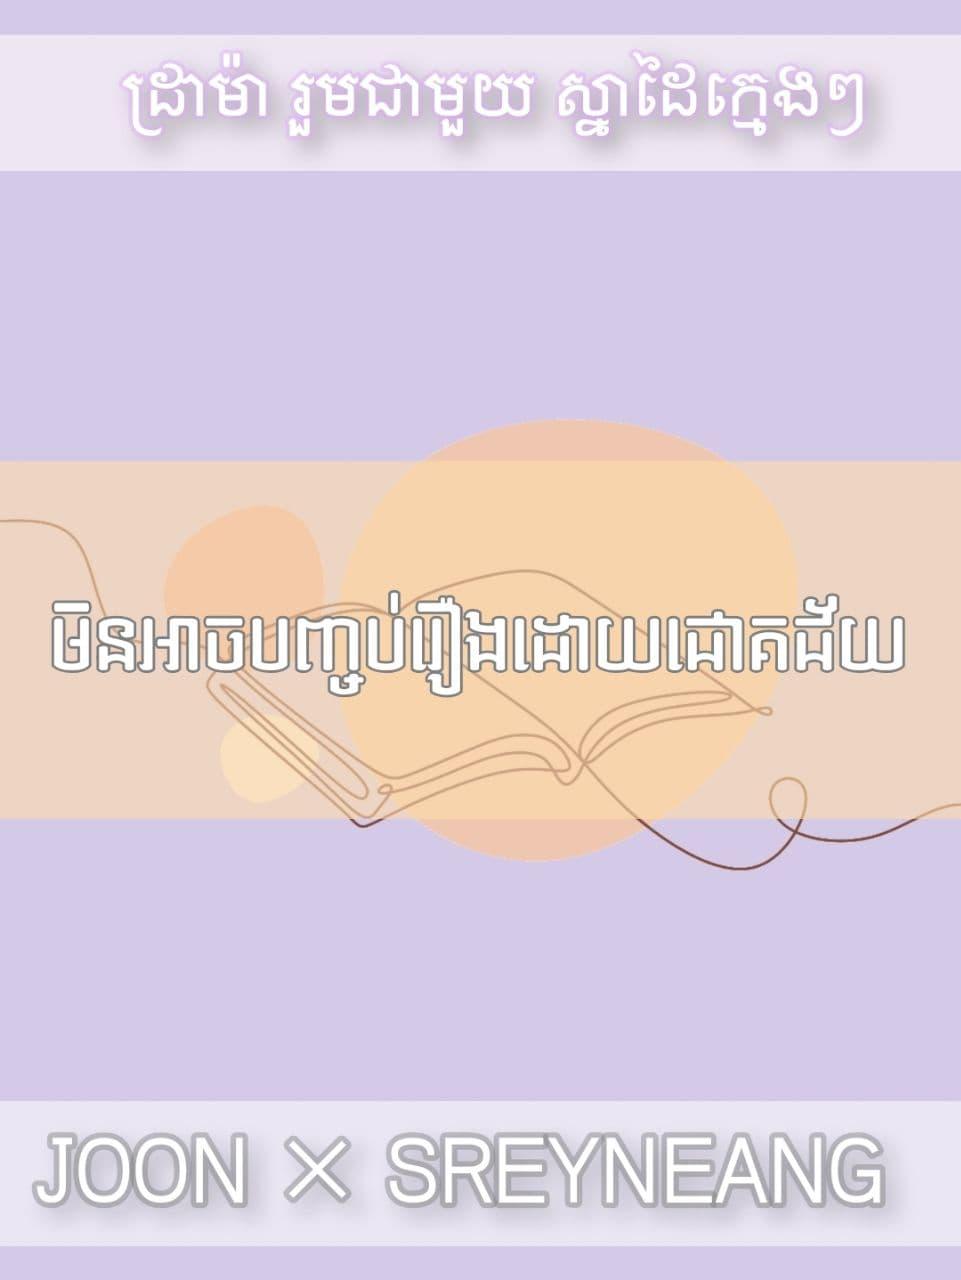 Photo_2021 09 26_19 03 50